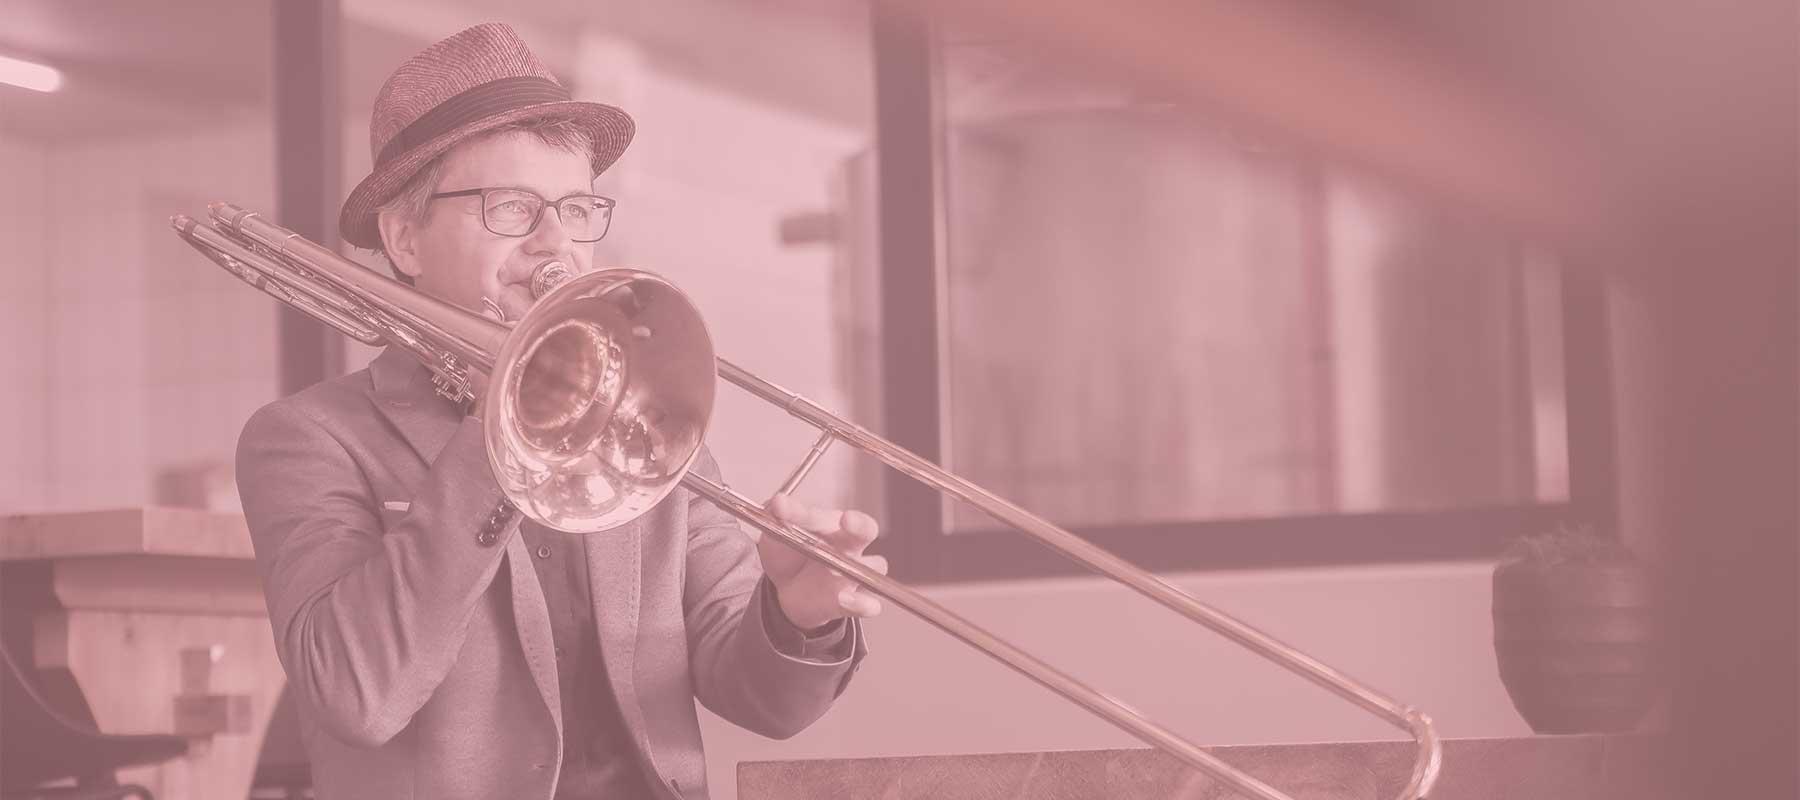 Urs Koepfli Trumpetist and Senior Requirments Engineer